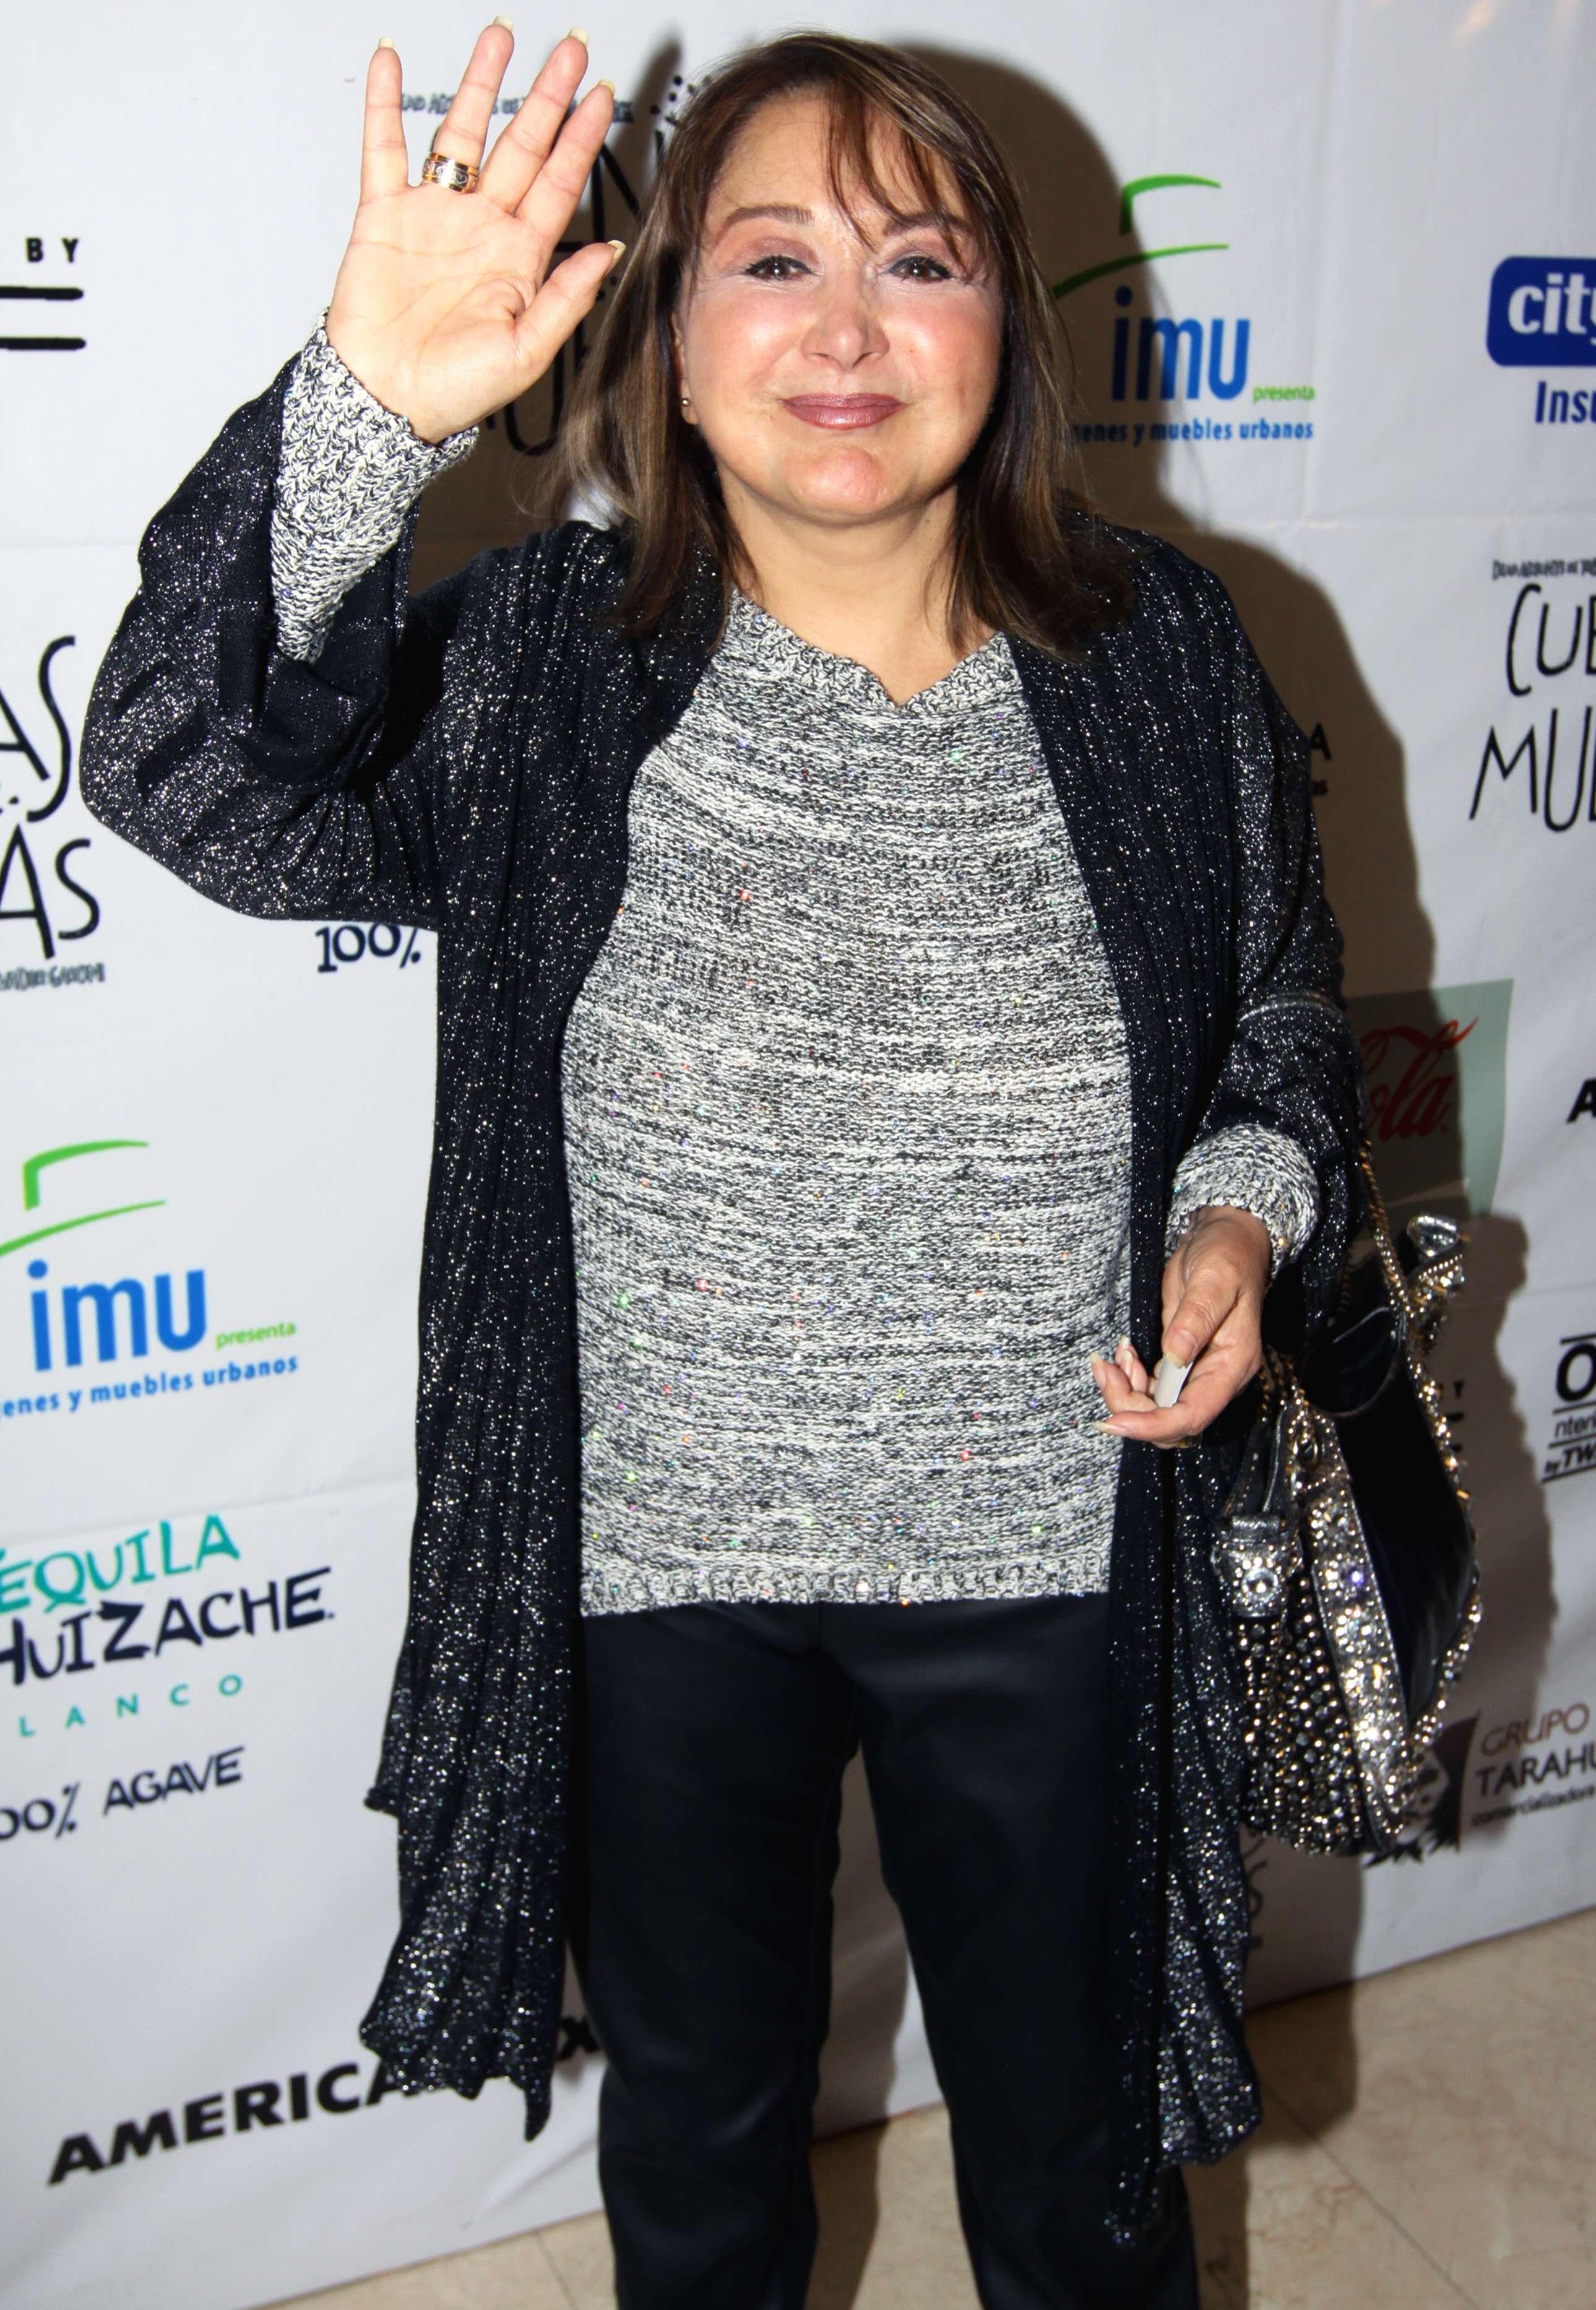 Florinda Meza llamó 'chusma' a María Antonieta de las Nieves después de que hablara de su vida amorosa. Foto: Medios y Media